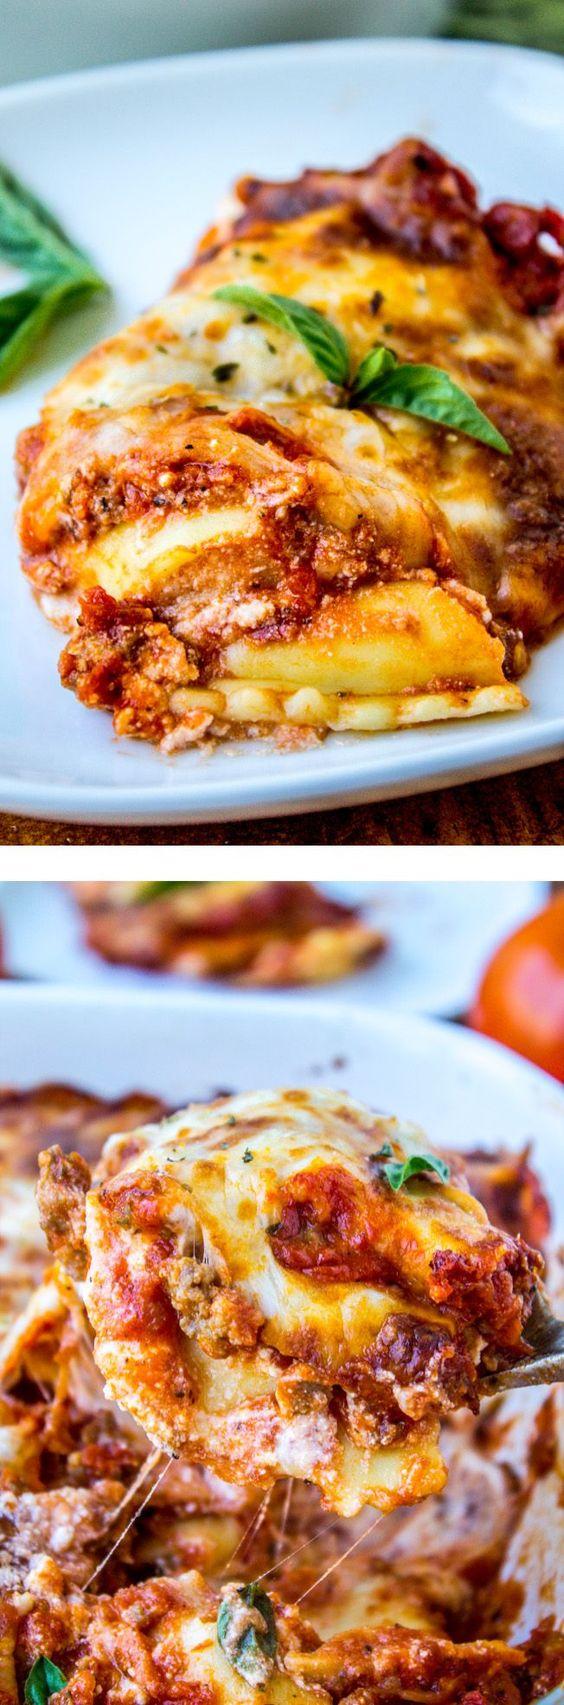 Ravioli lasagna, Ravioli and Lasagna on Pinterest